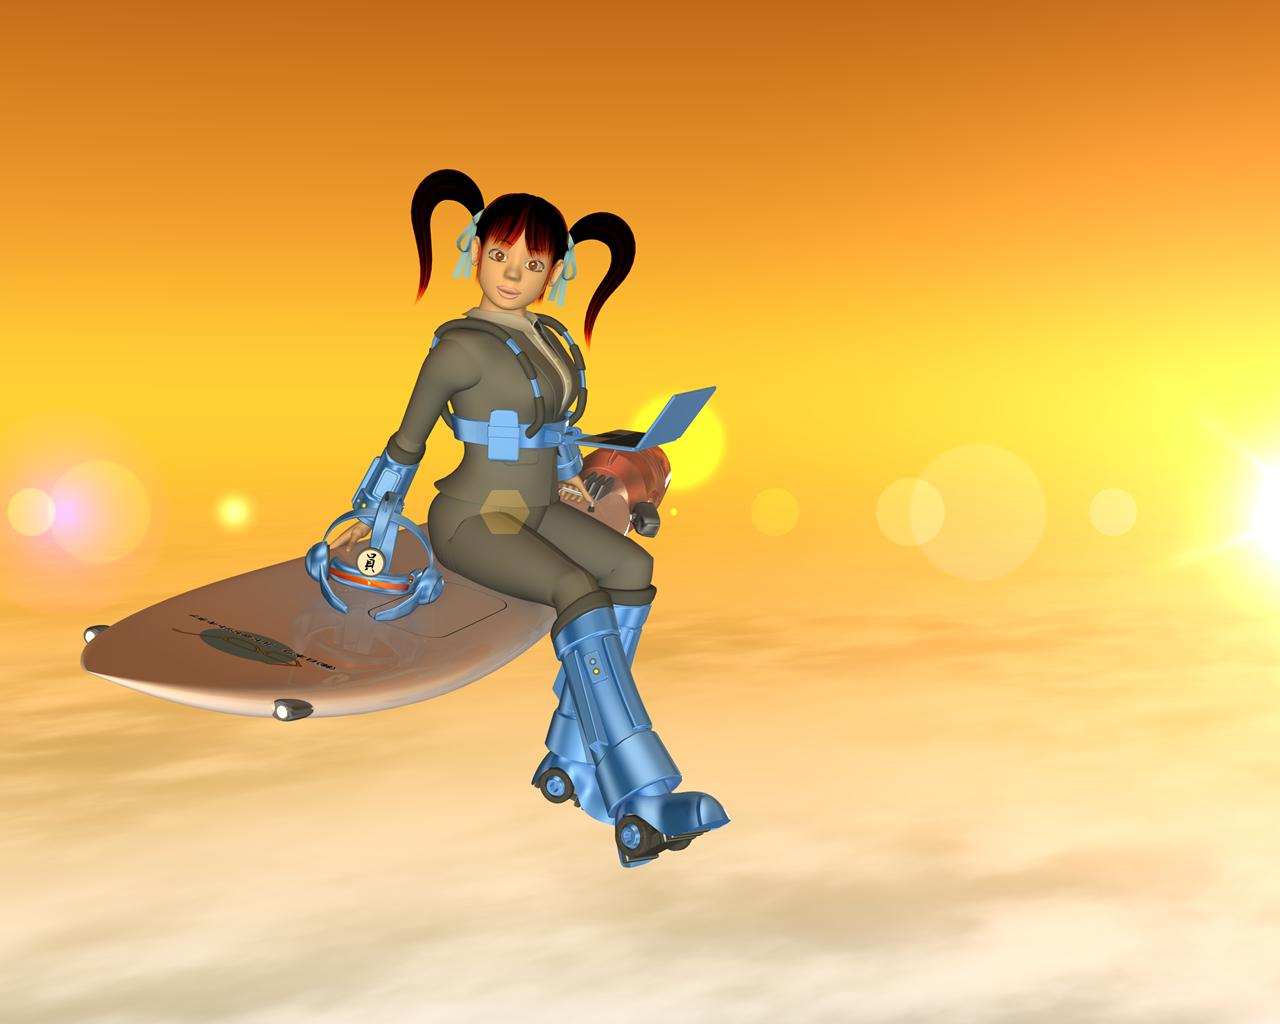 夕日のOL(ウェアラブルとサーフィン)(3Dキャラクター)